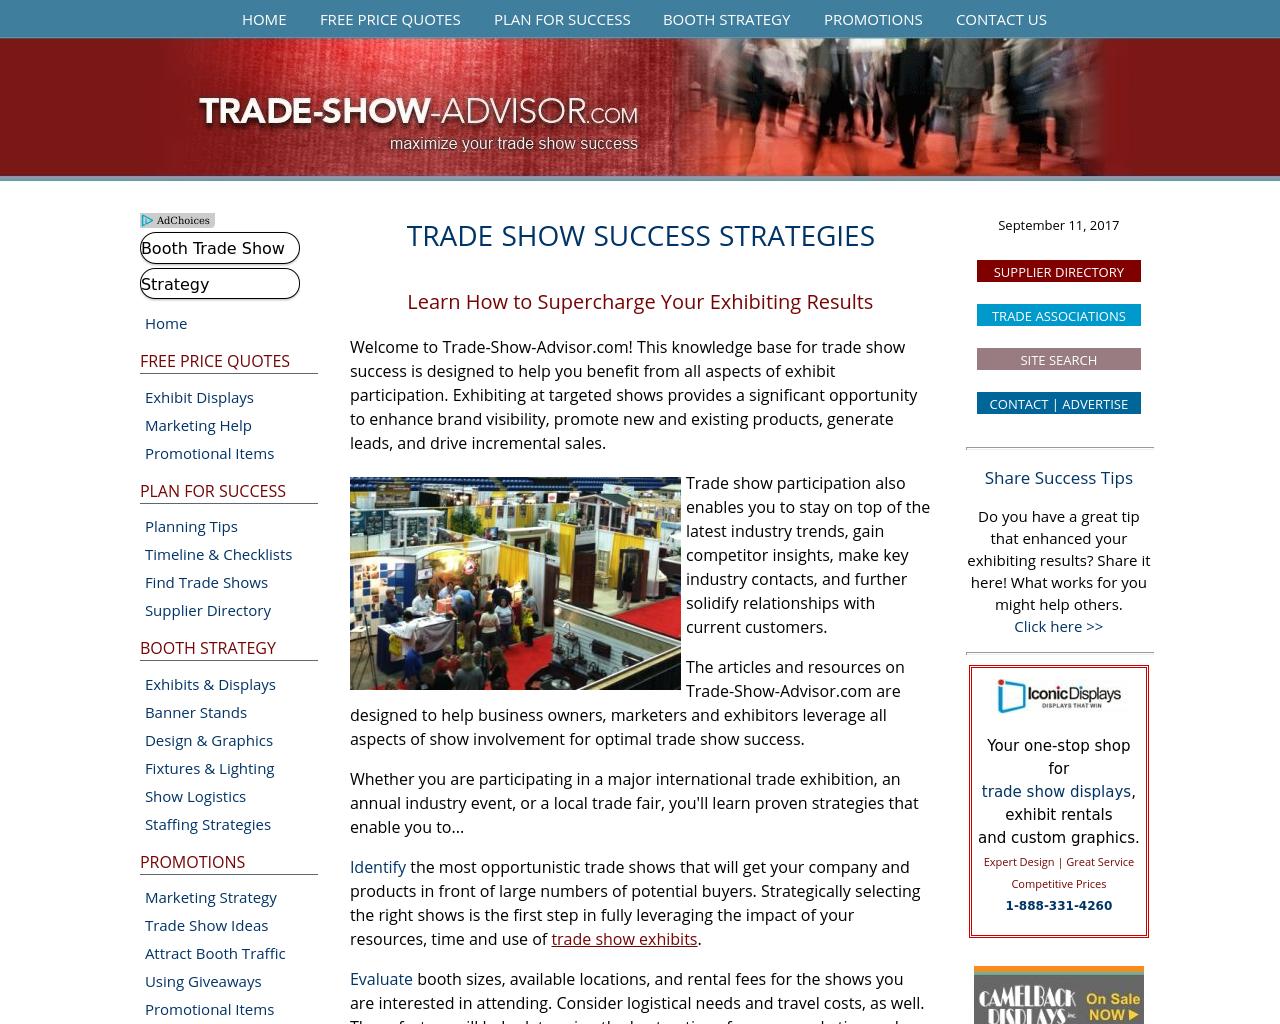 Trade-Show-Advisor-Advertising-Reviews-Pricing